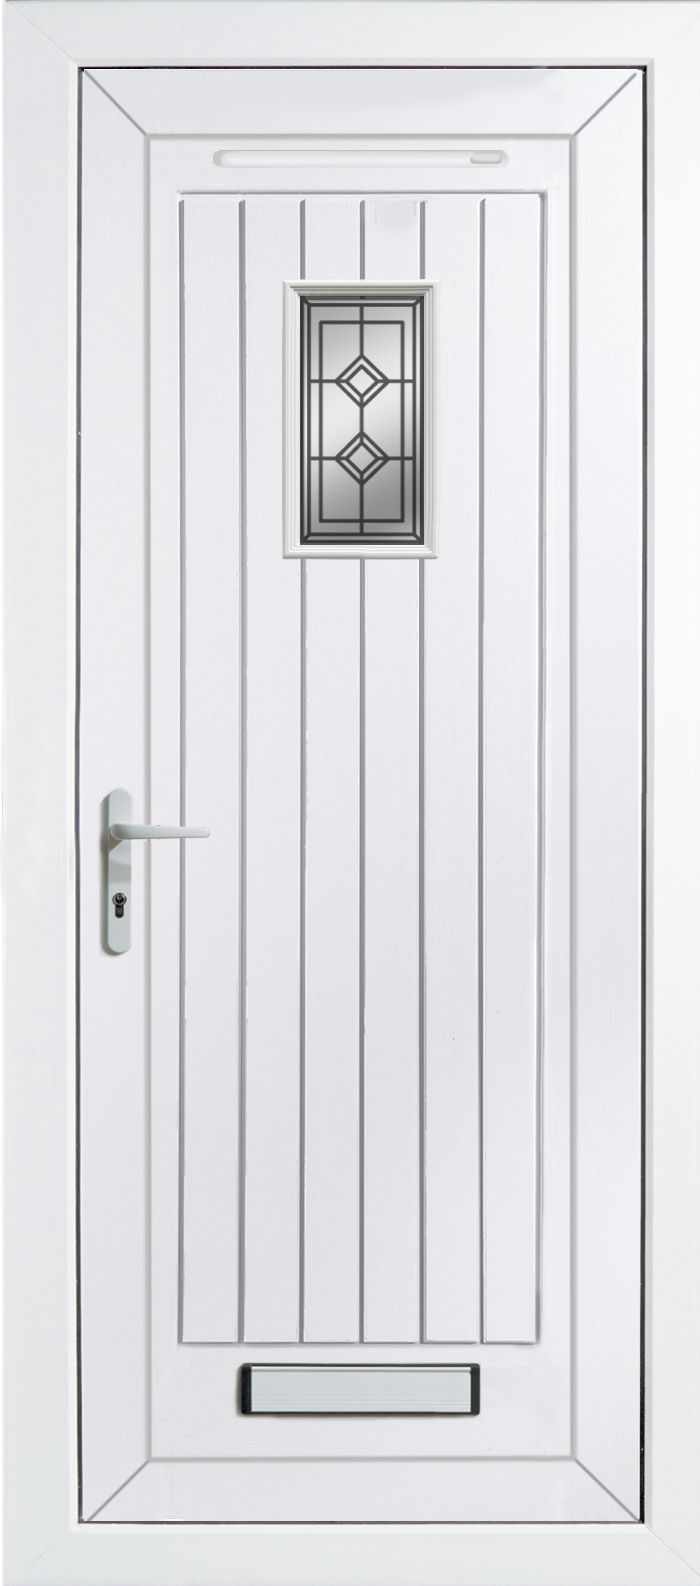 Cottage Panelled Pvcu Glazed External Front Door & Frame Rh, (h)2055mm (w)920mm